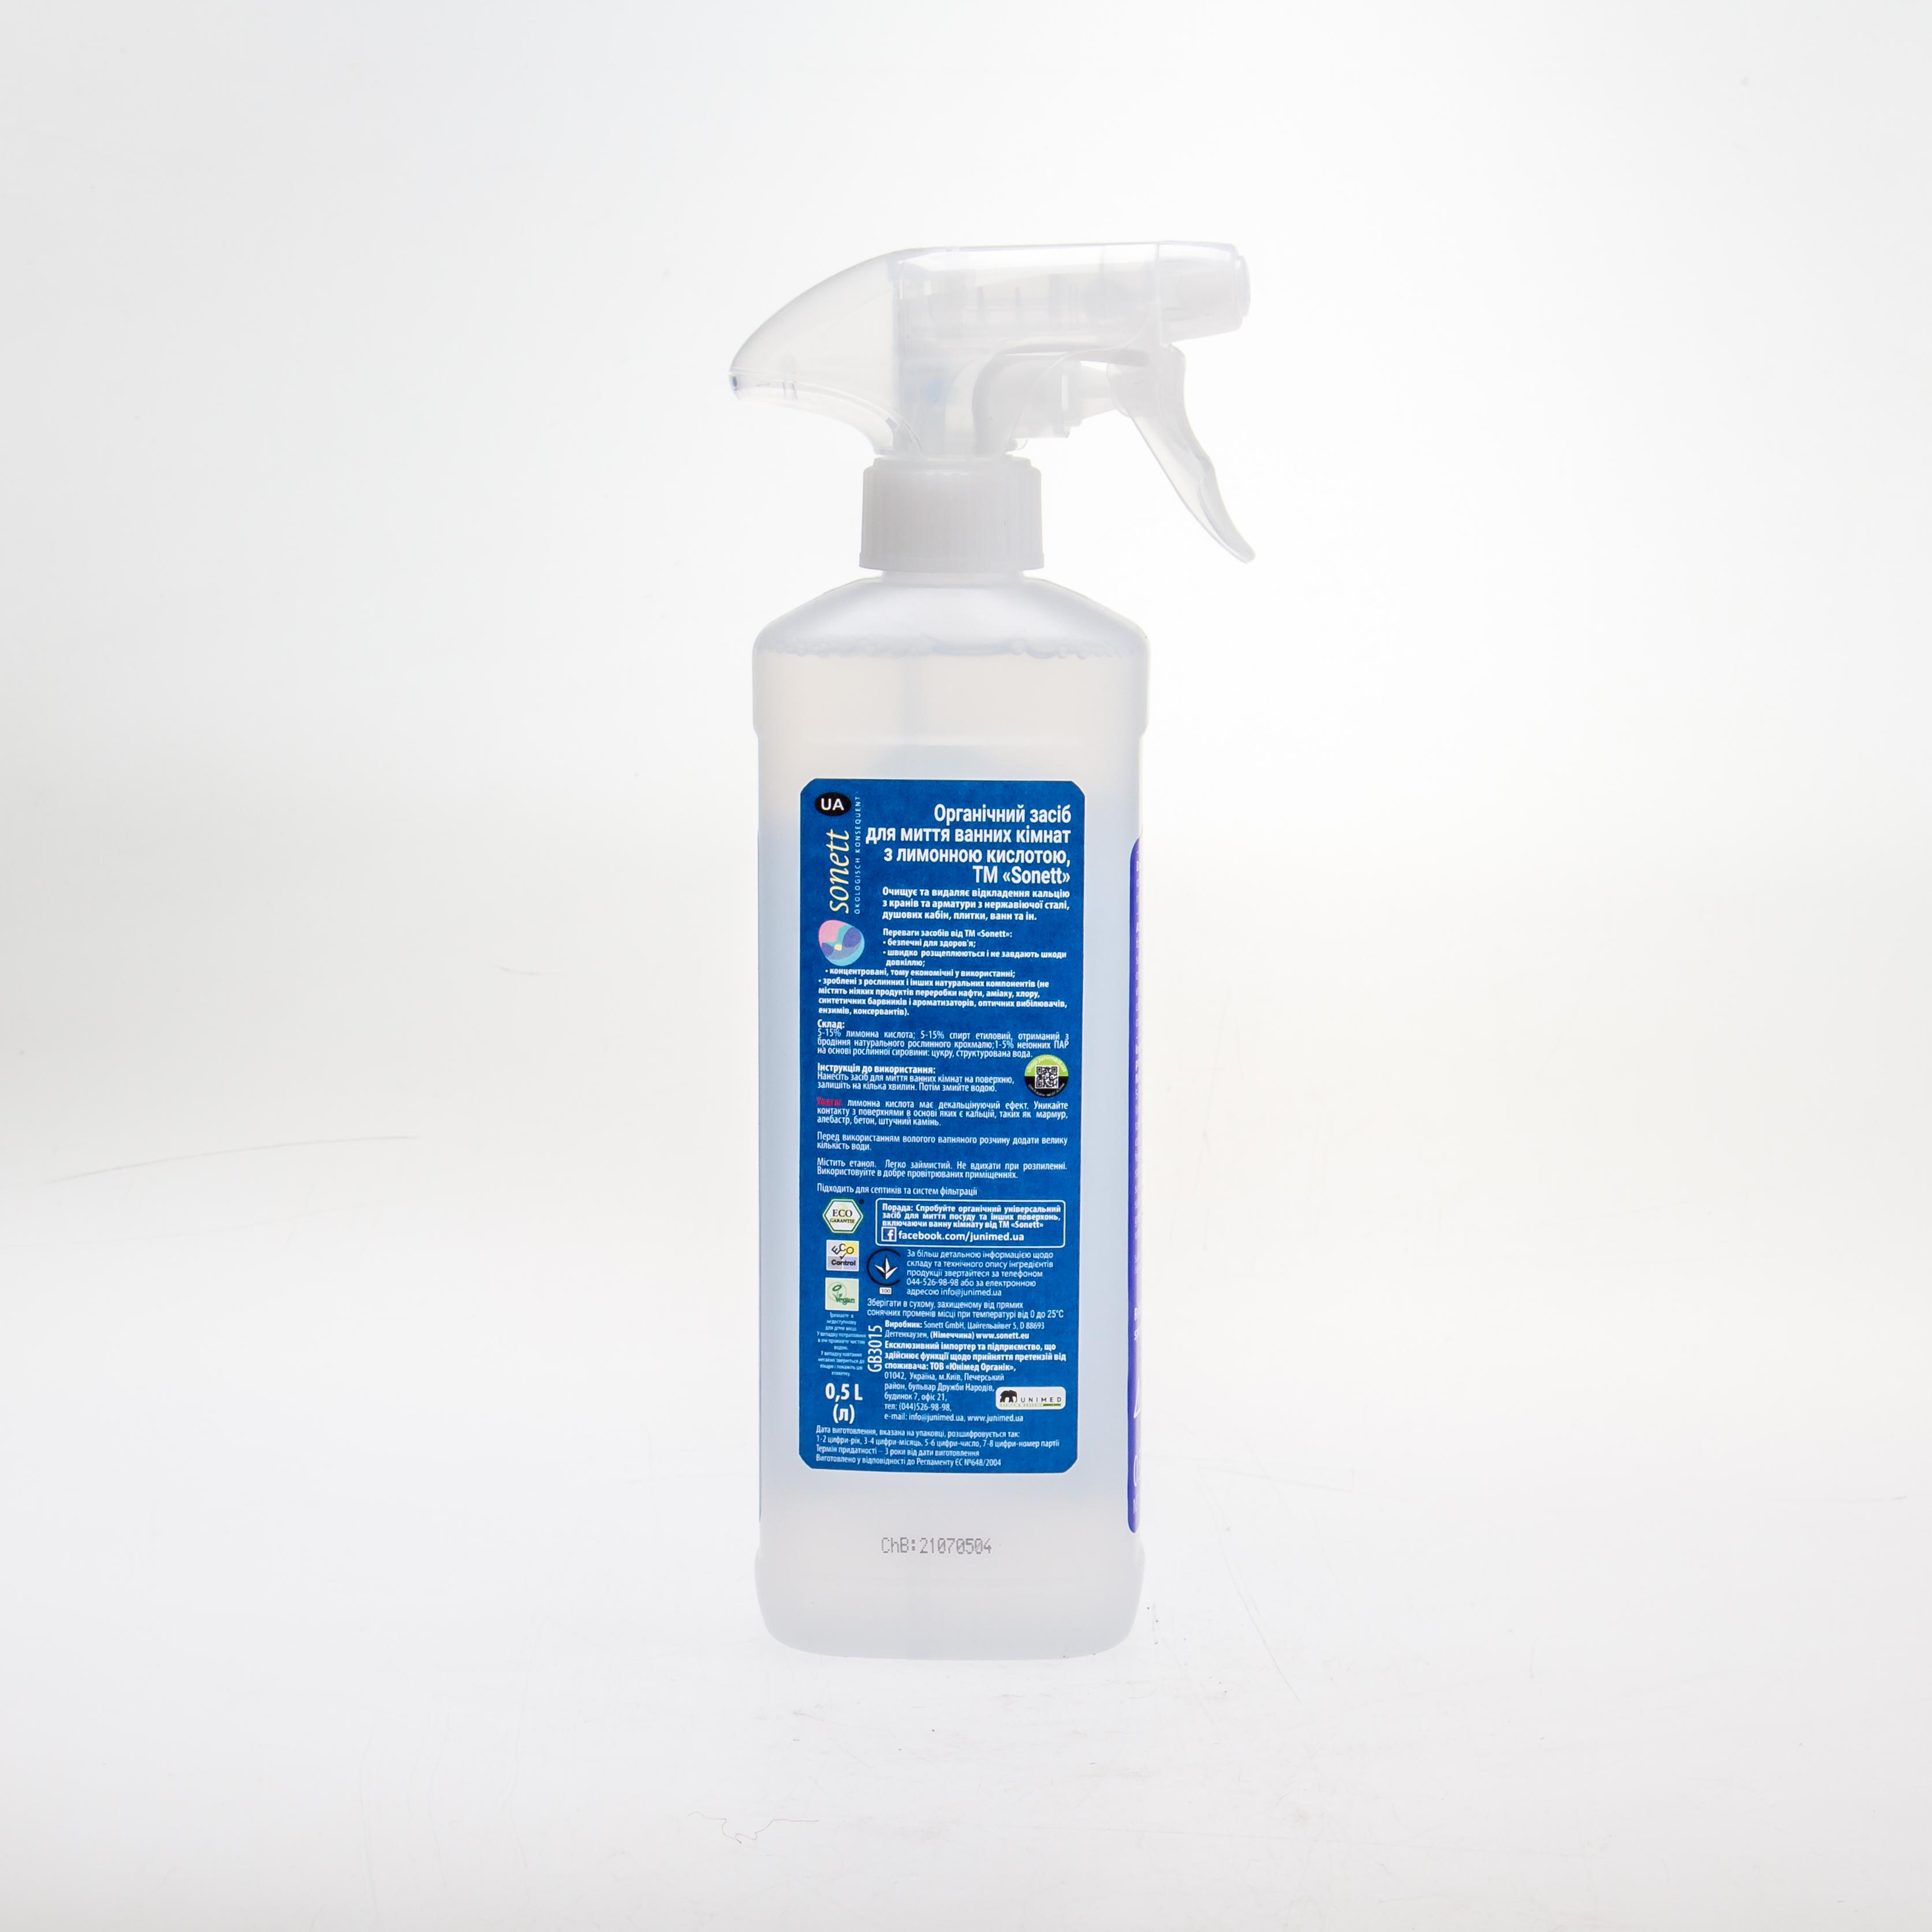 Sonett органічний миючий засіб для ванної кімнати, 500 мл - купити в інтернет-магазині Юнимед